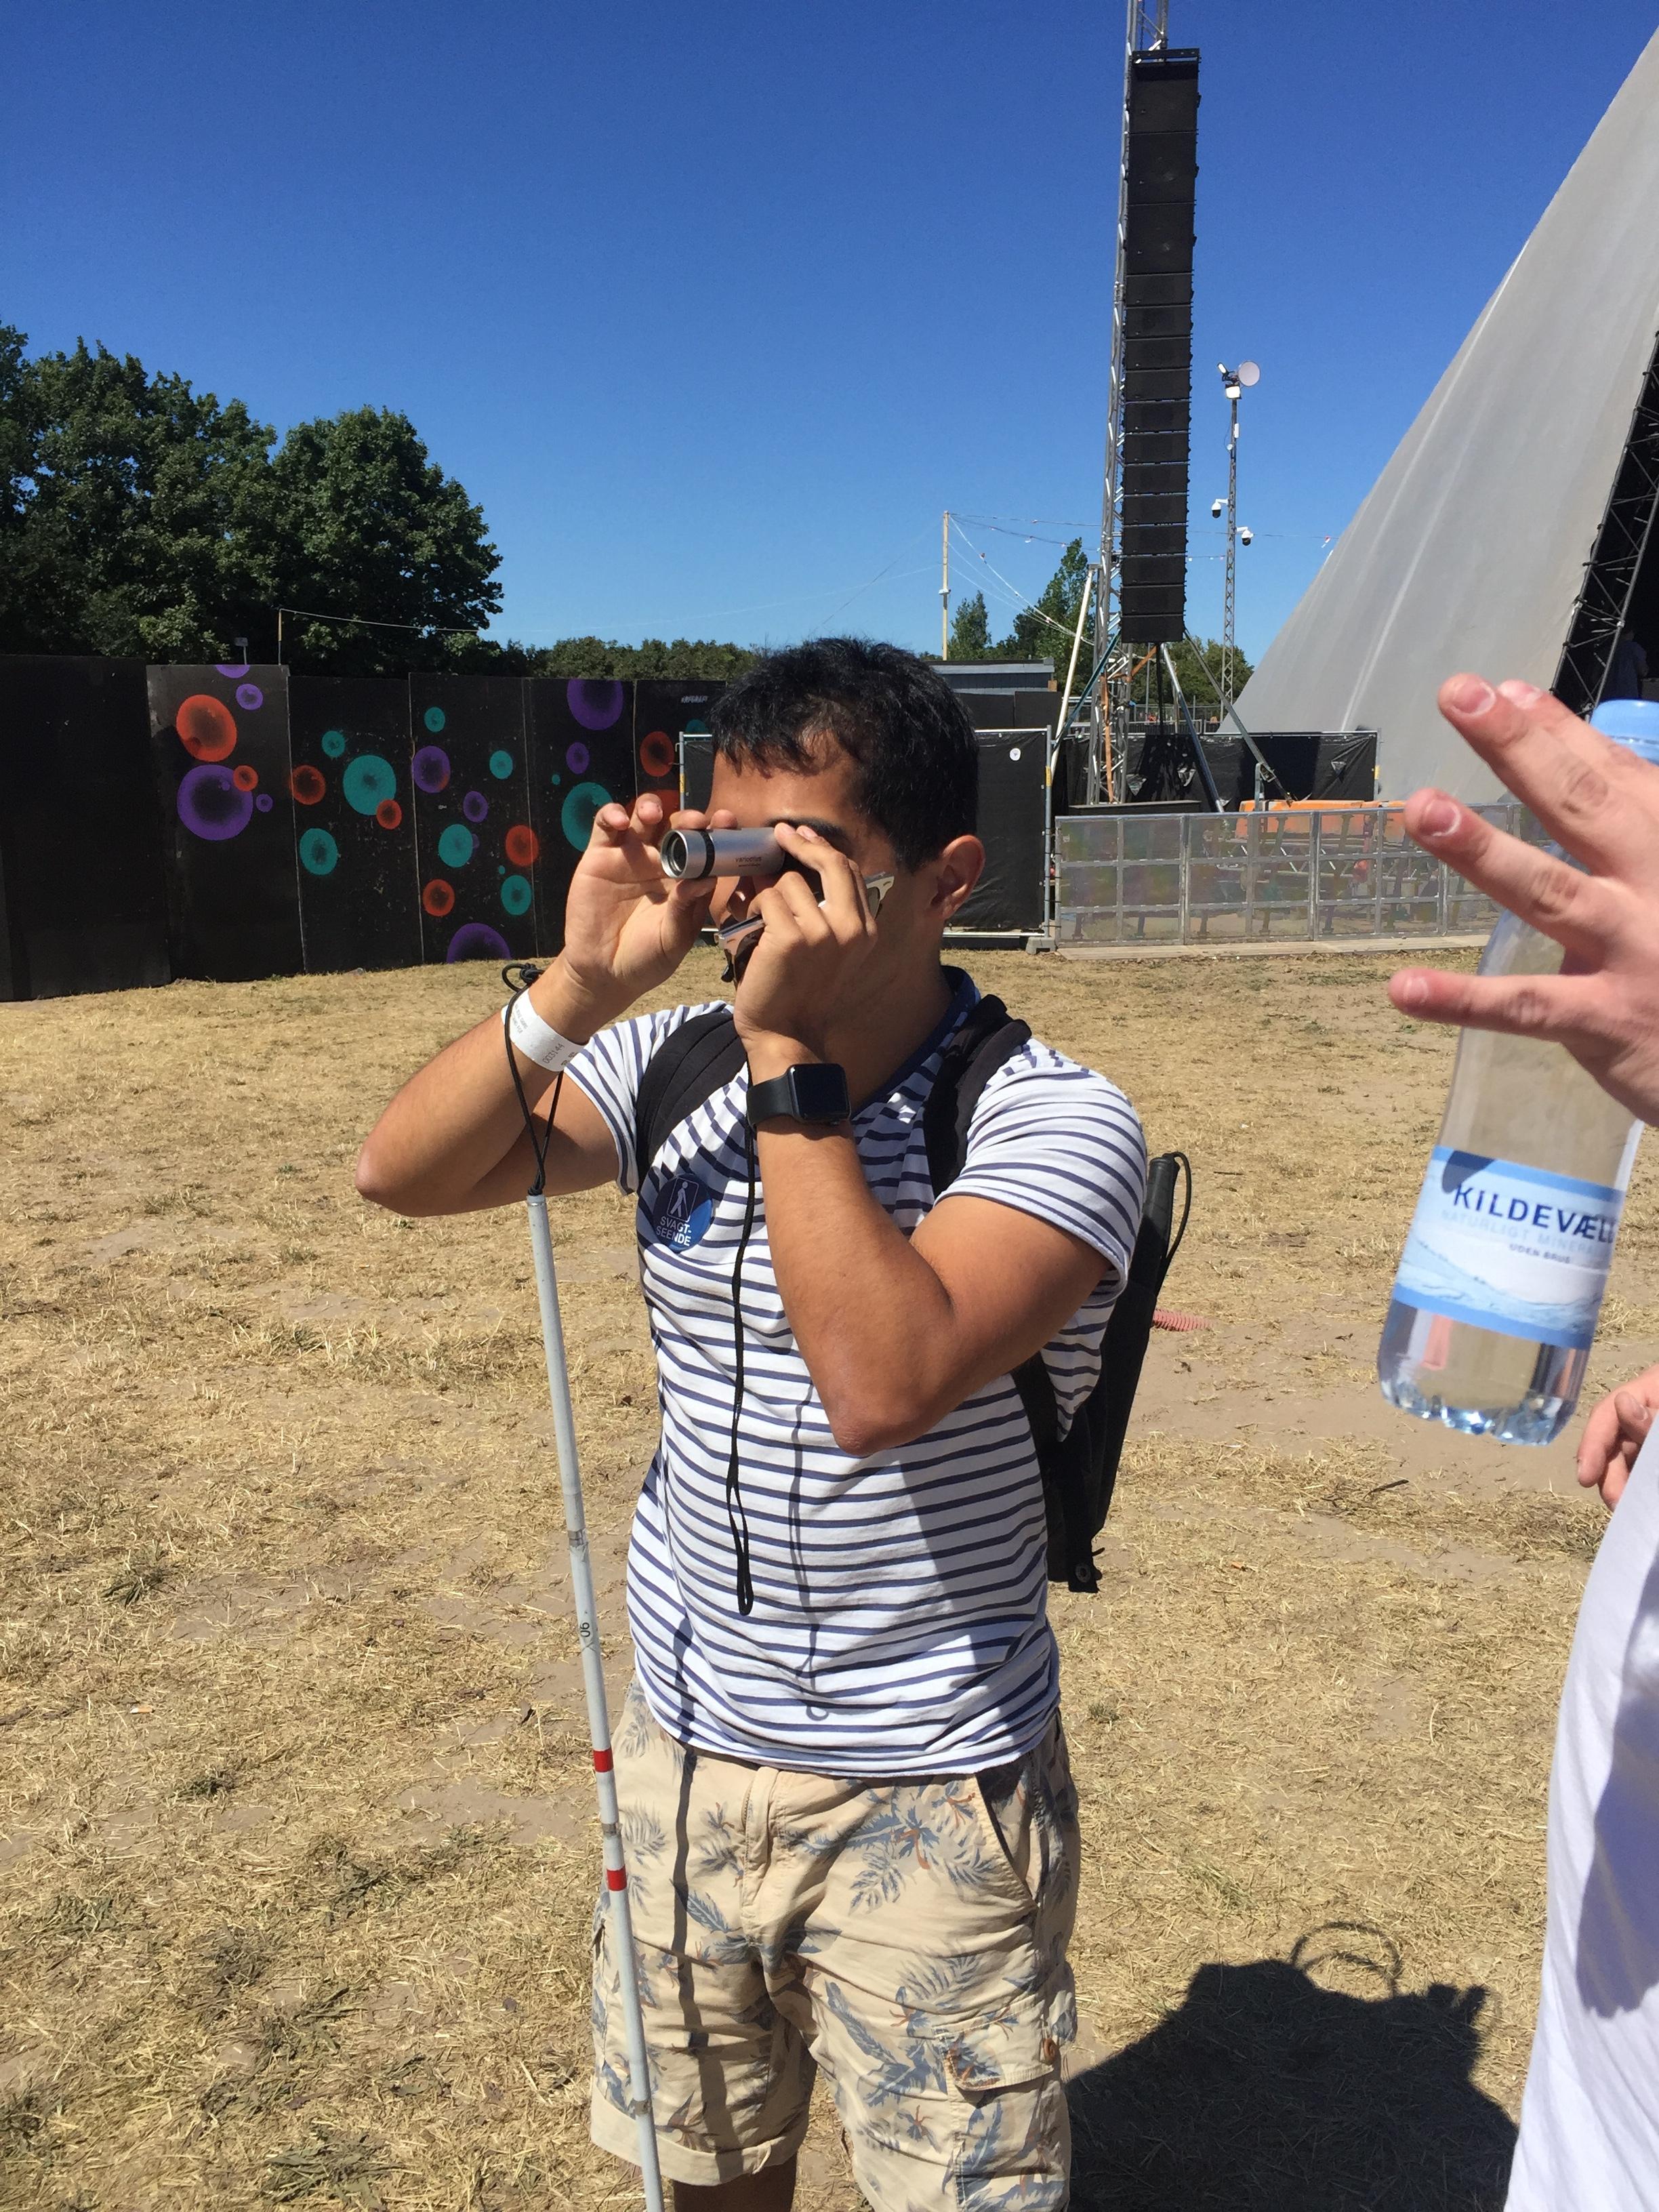 Jens bruger sin kikkert til at lede efter førstehjælpsteltet